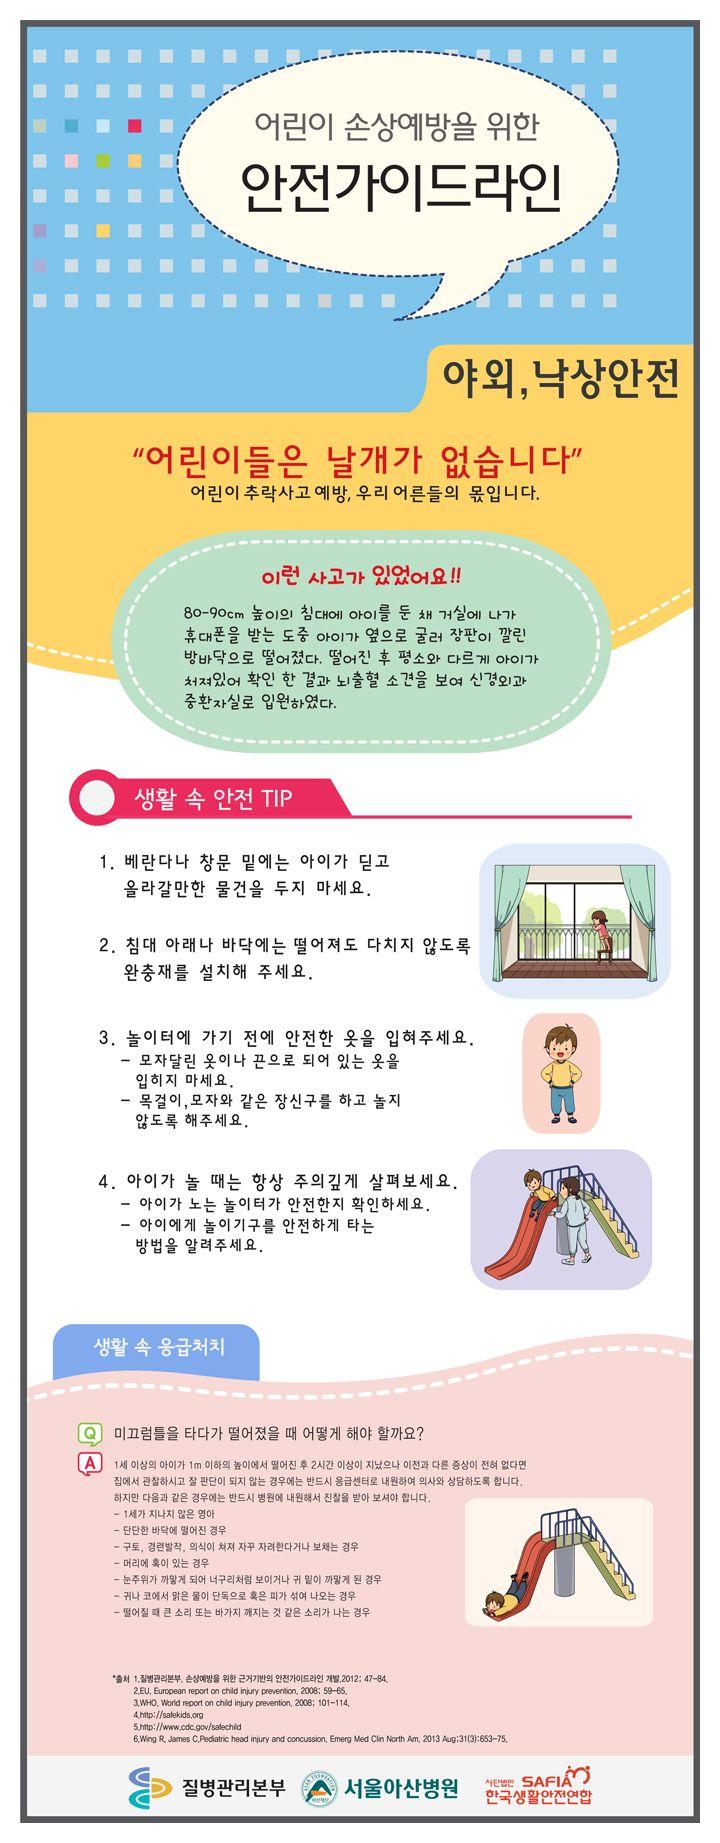 손상예방을 위한 어린이 안전가이드라인_야외/낙상안전(웹진)